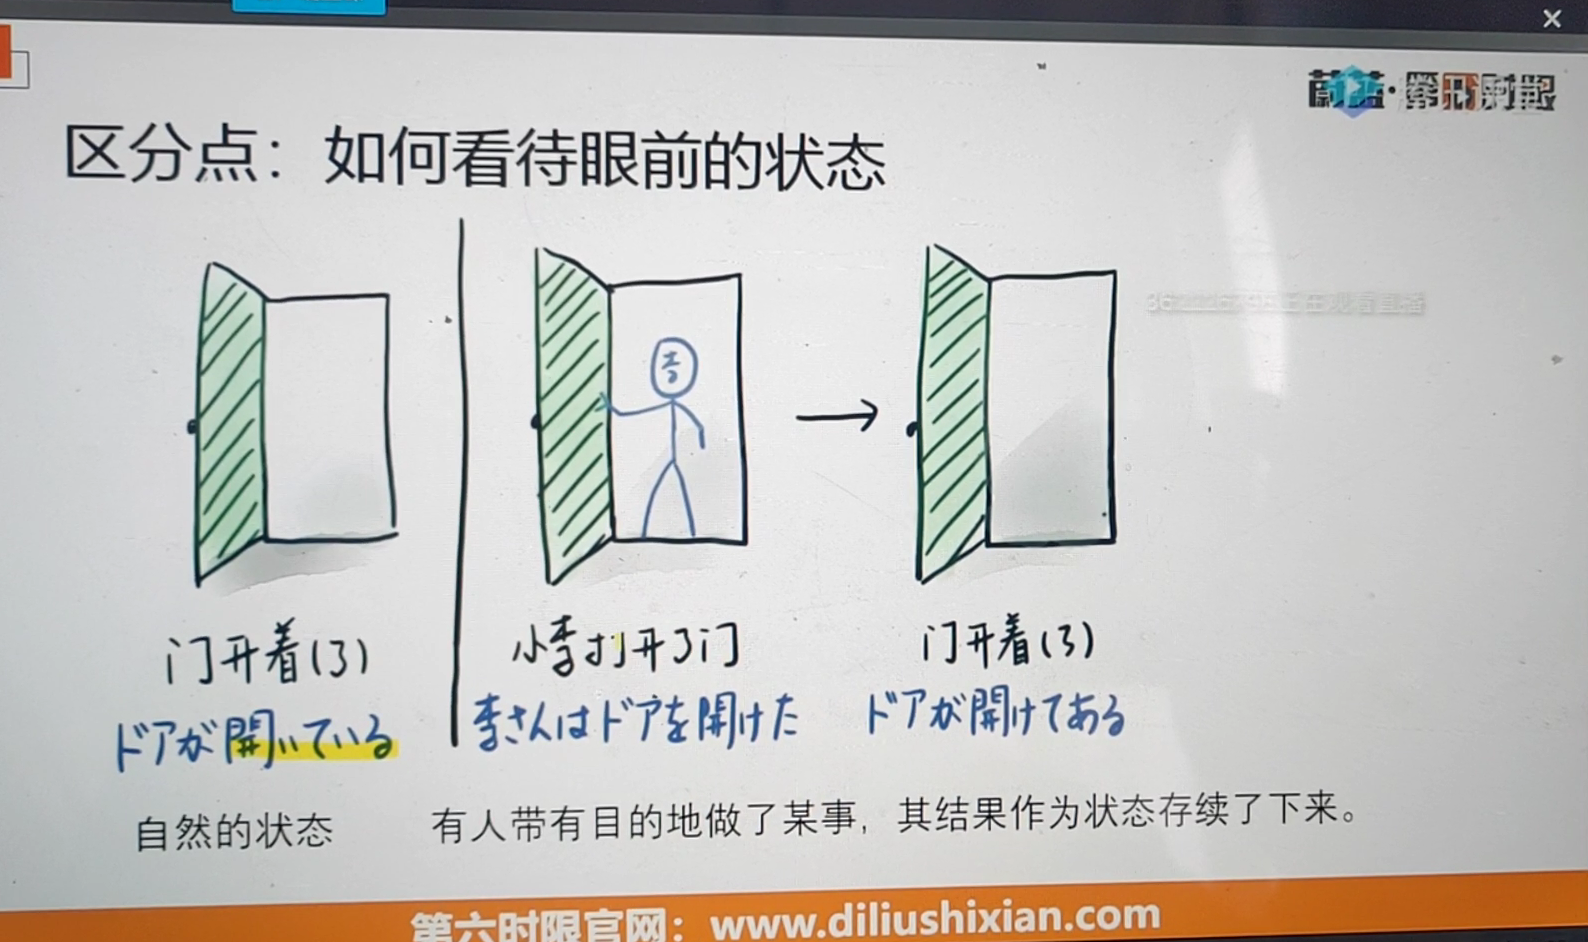 第六时限高考日语必考内容公开课开课了